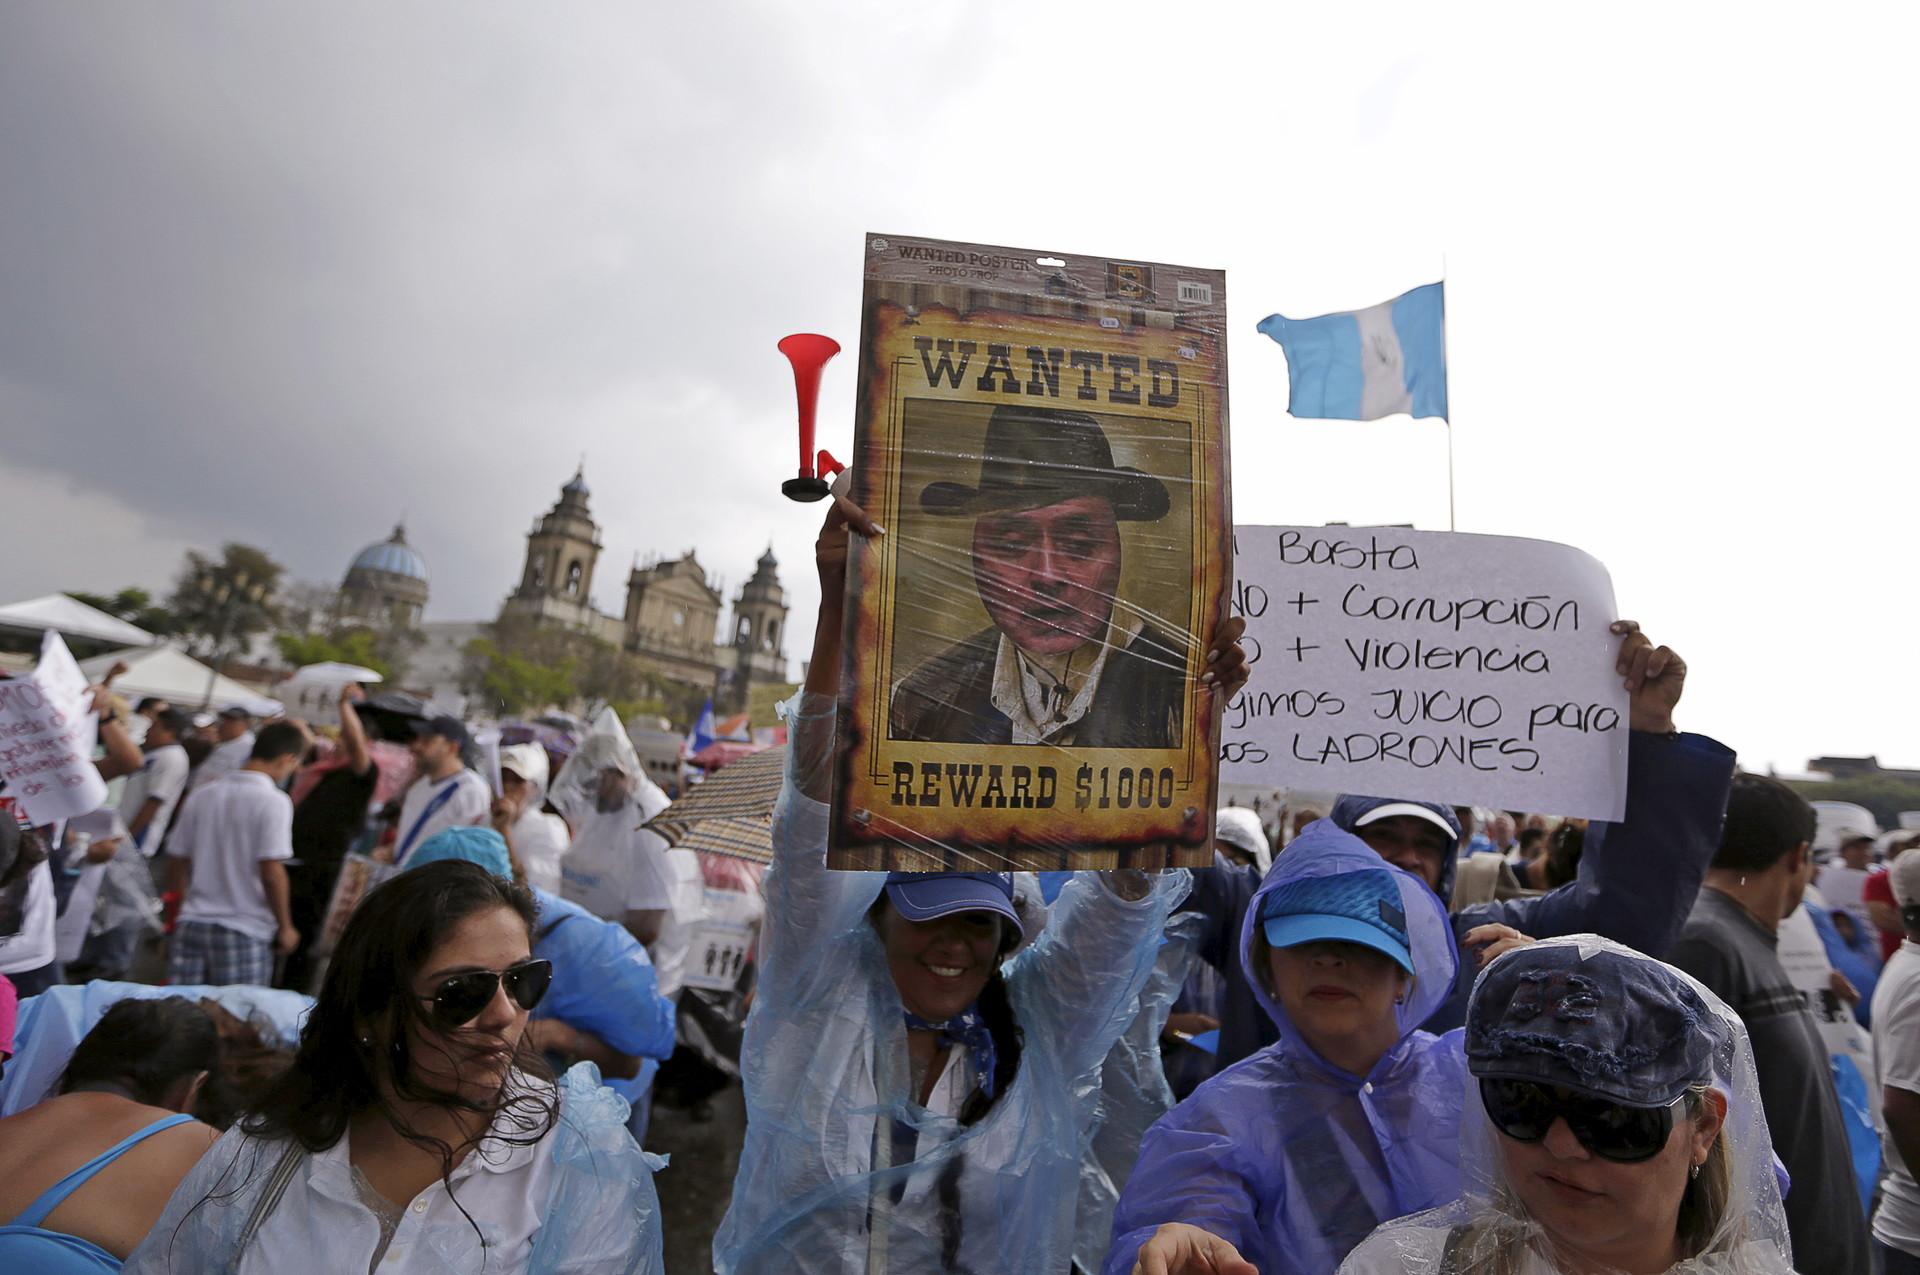 Fotos: Miles de personas salen a protestar contra la corrupción en Guatemala